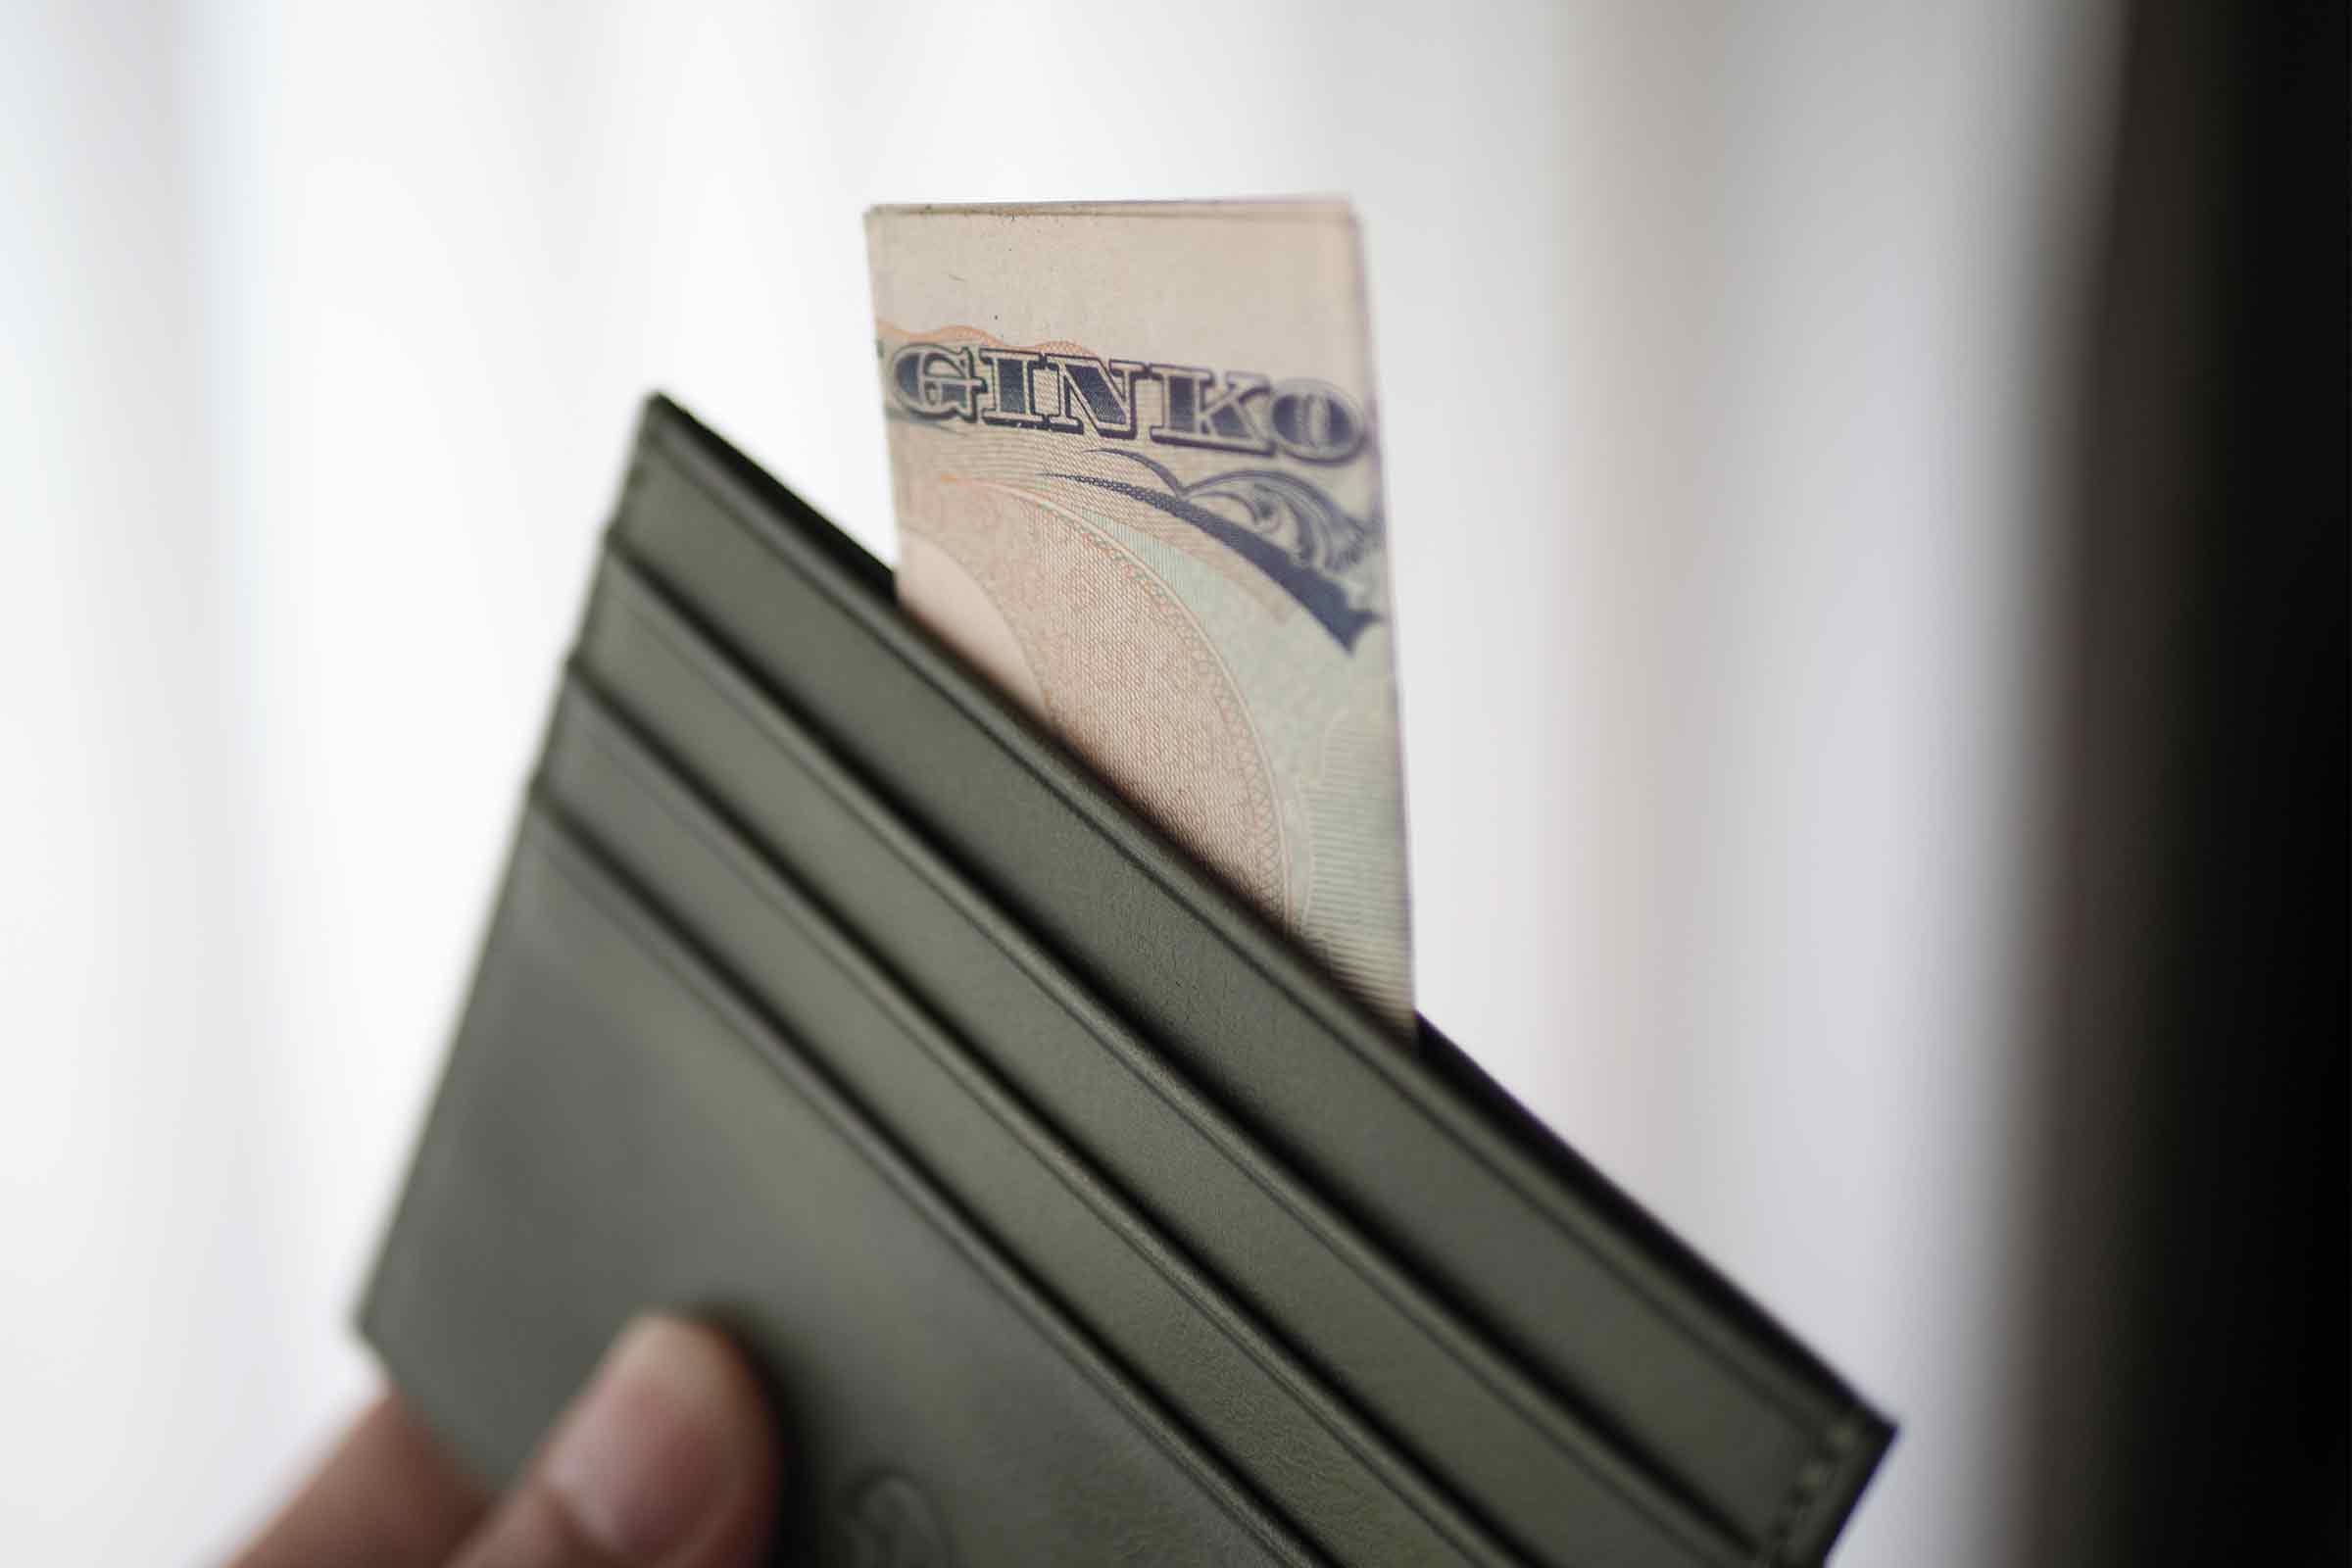 カードケース,VISOUL,小さい,薄い,安い,コンパクト,本革,牛皮,大人,シンプル,定期